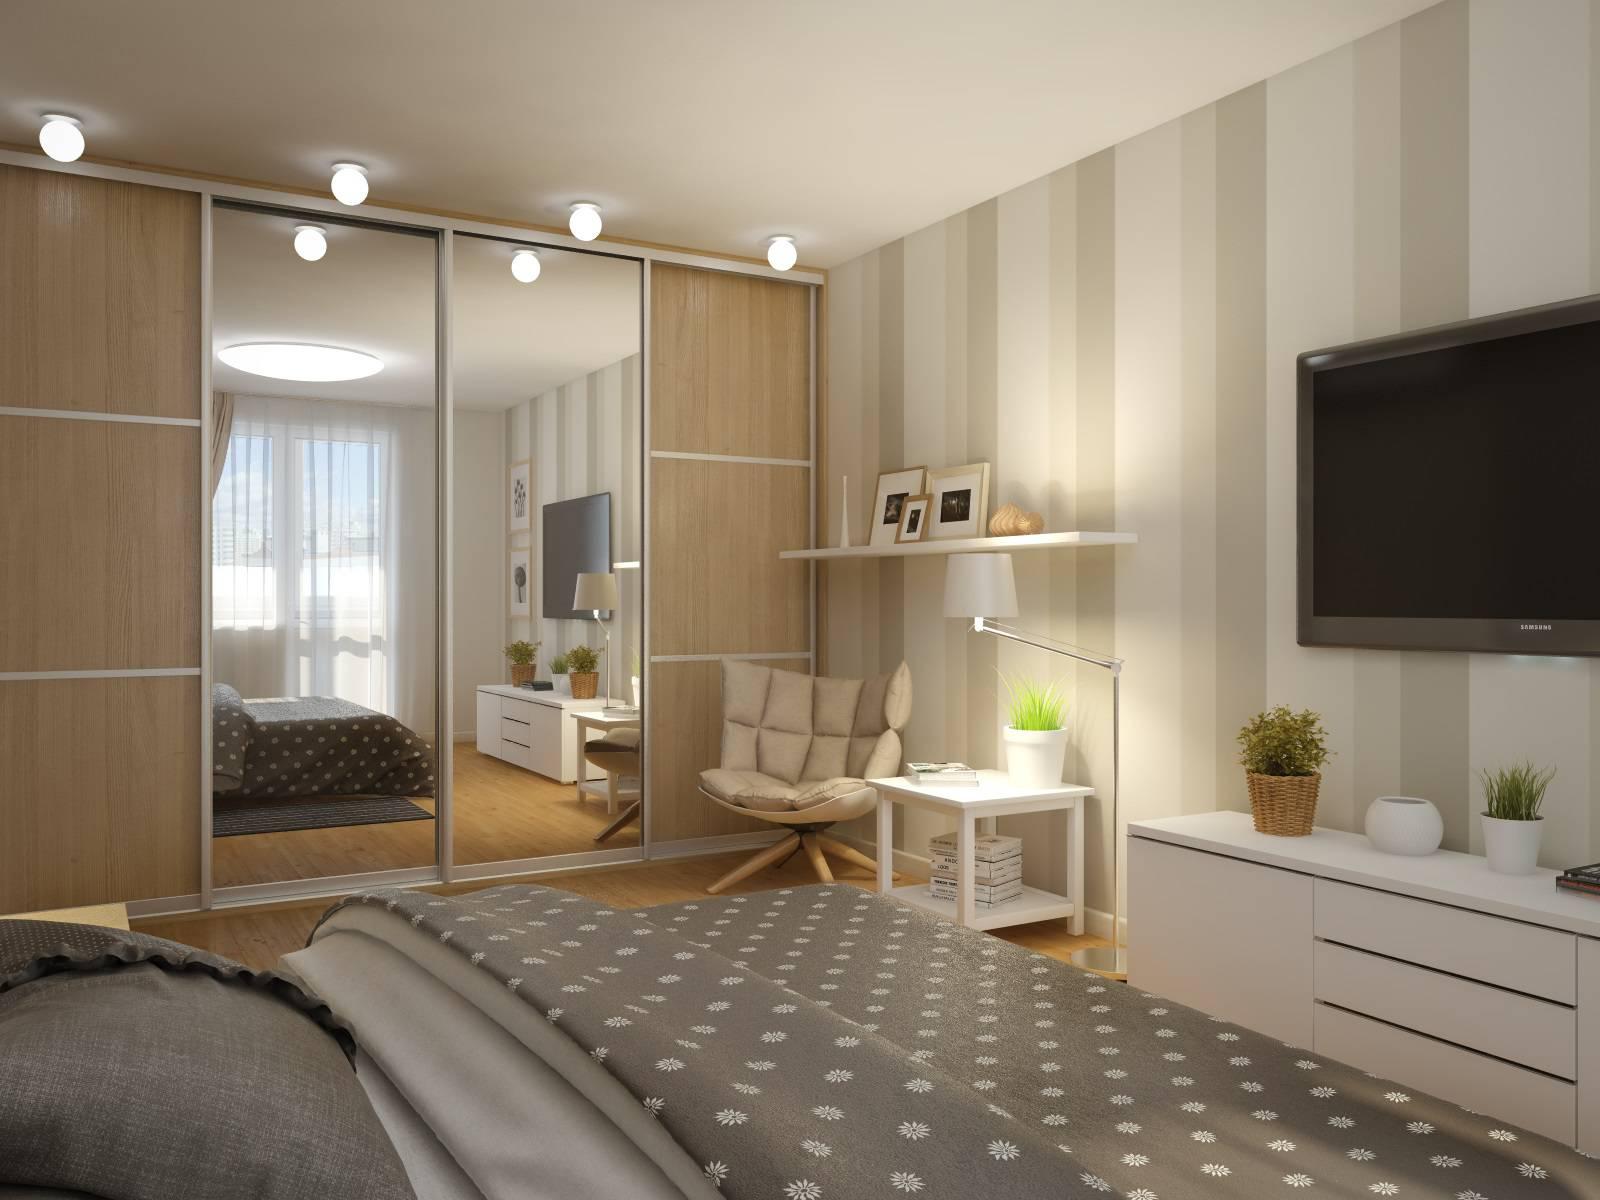 Как расставить мебель в однокомнатной квартире